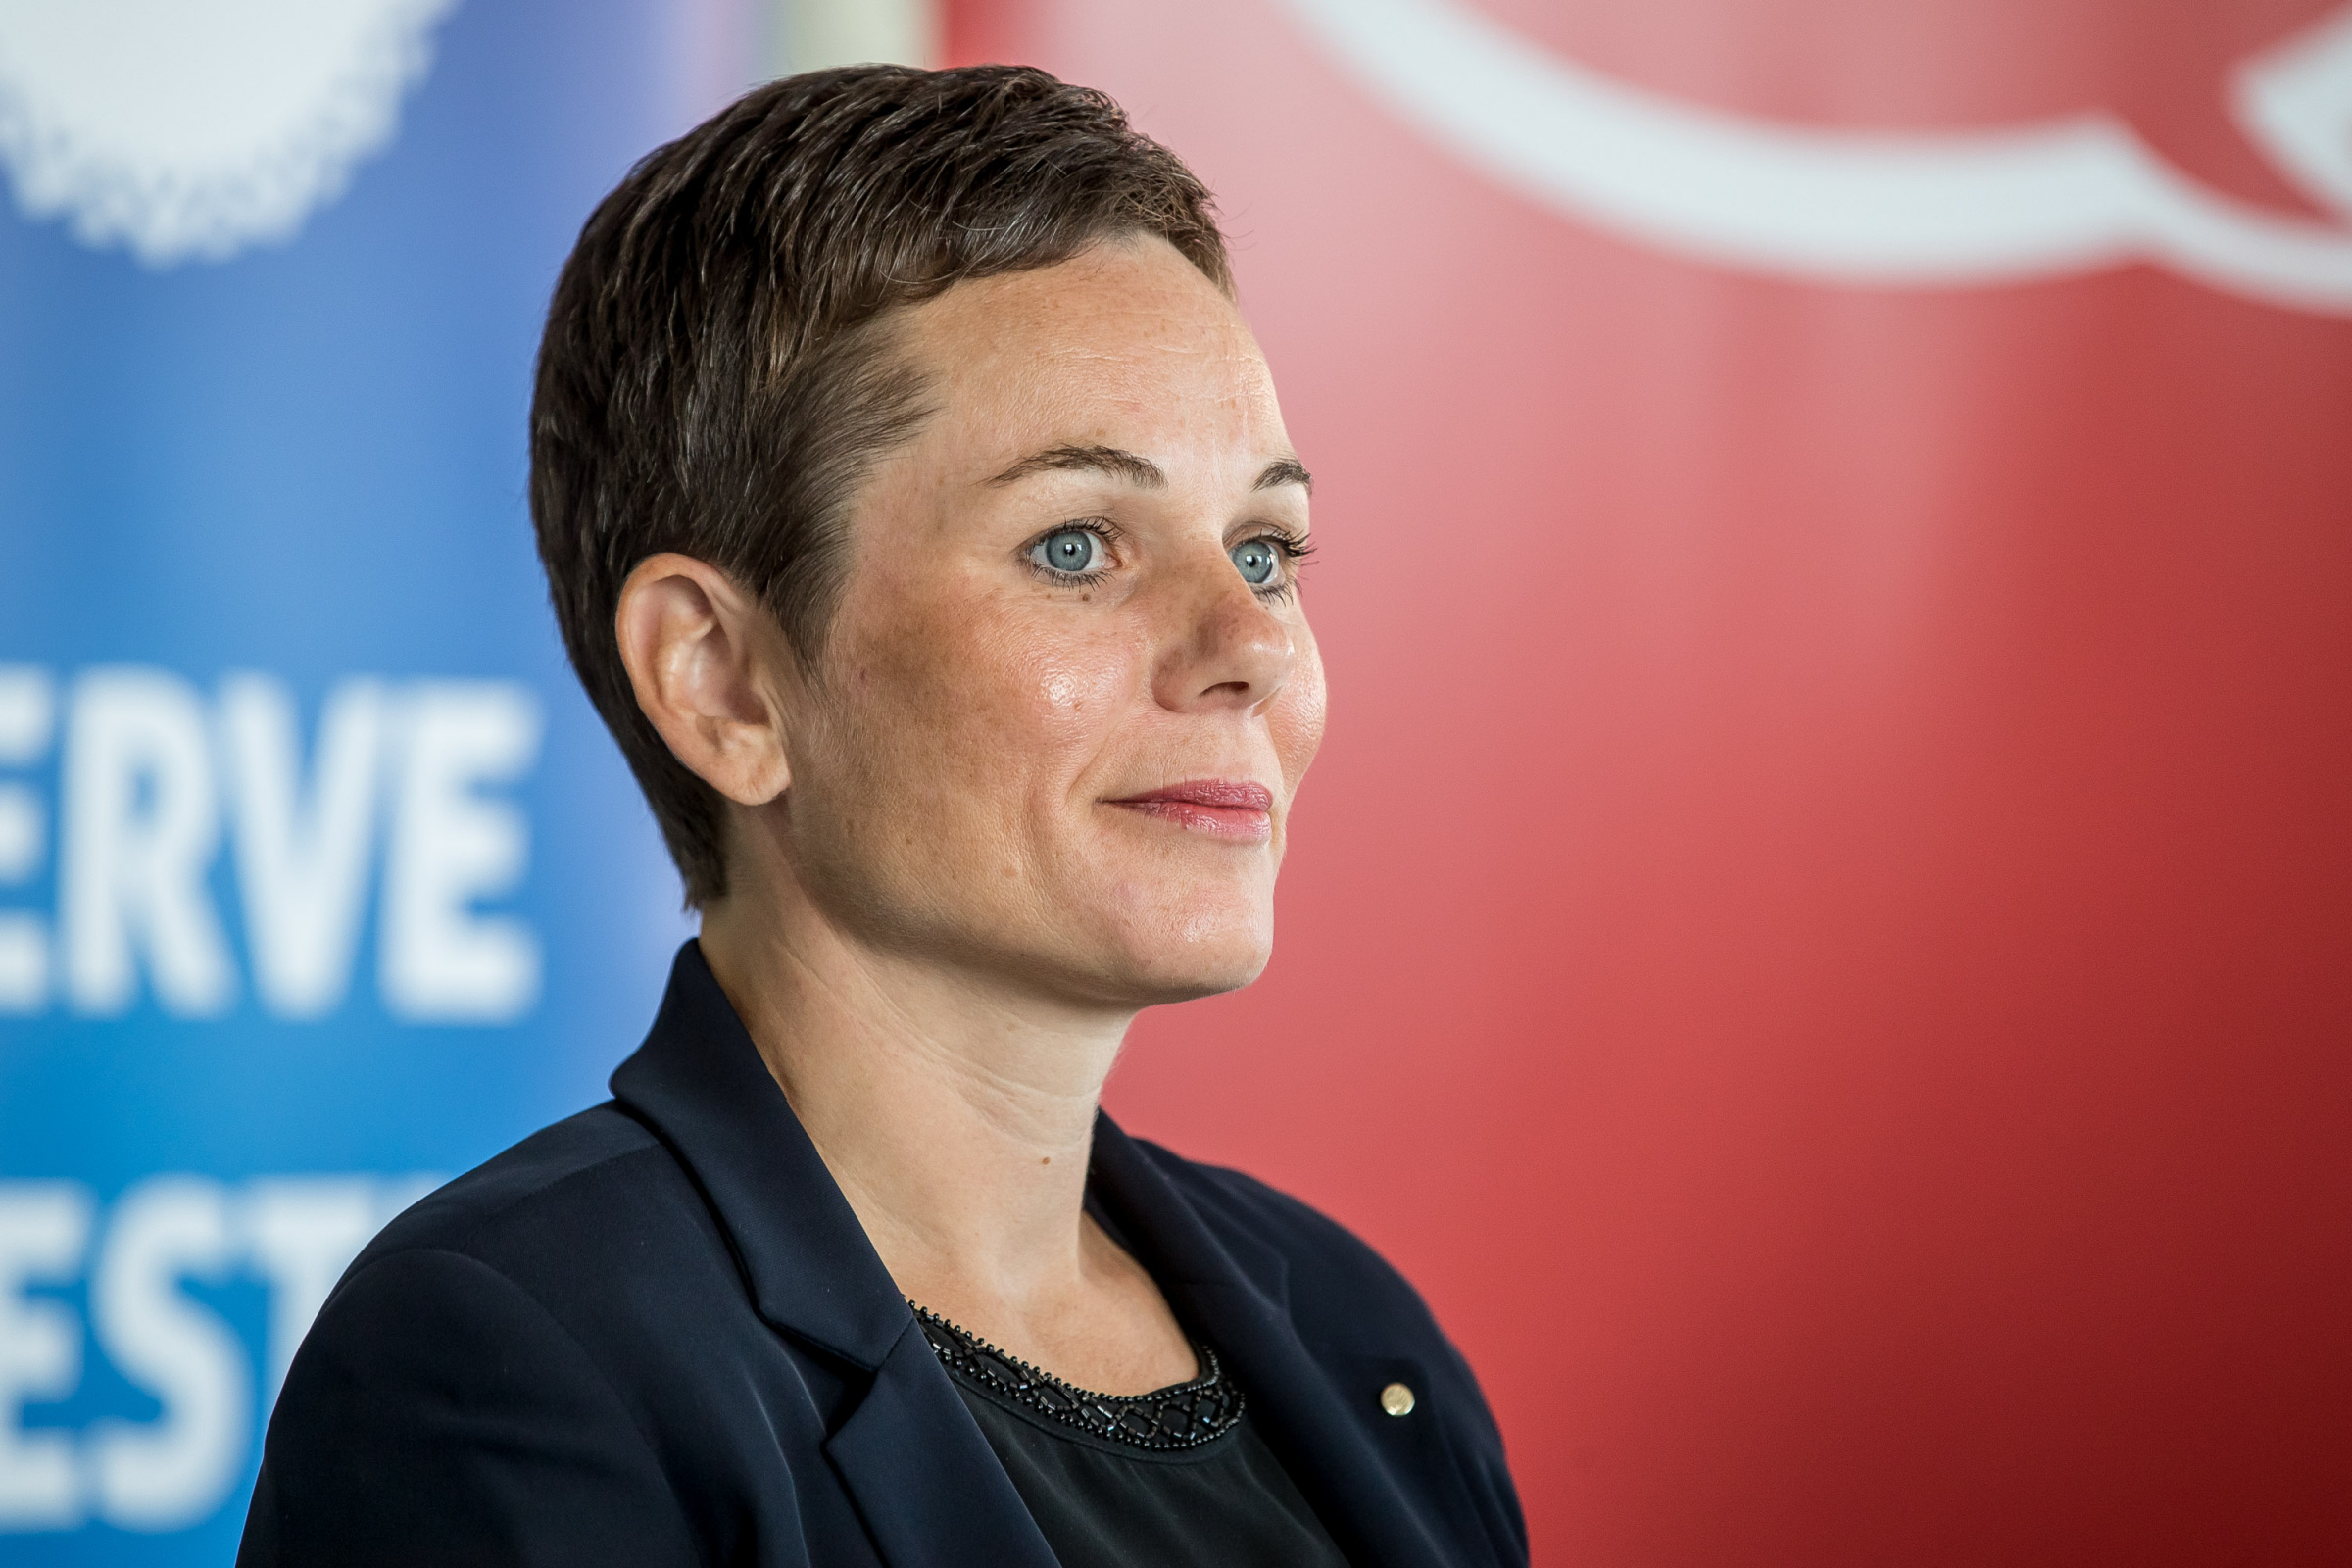 Tere ja Farmi juhatuse esimees Katre Kõvask. FOTO: SANDER ILVEST/POSTIMEES/SCANPIX